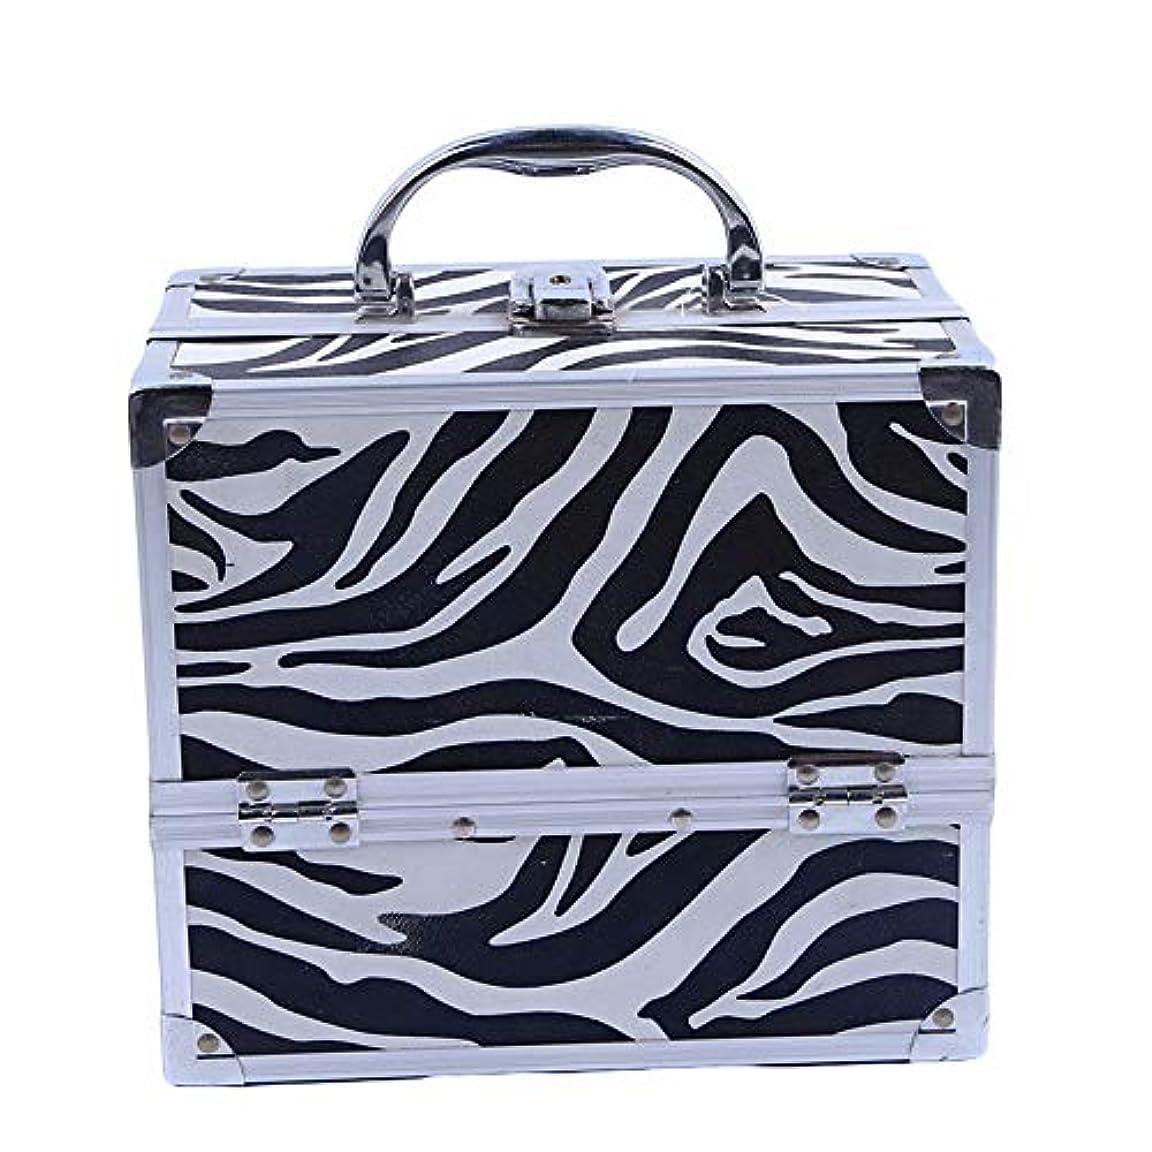 化粧オーガナイザーバッグ ゼブラストライプトラベルアクセサリーのポータブル化粧ケースシャンプーボディウォッシュパーソナルアイテムロックとトレイ付きの収納 化粧品ケース